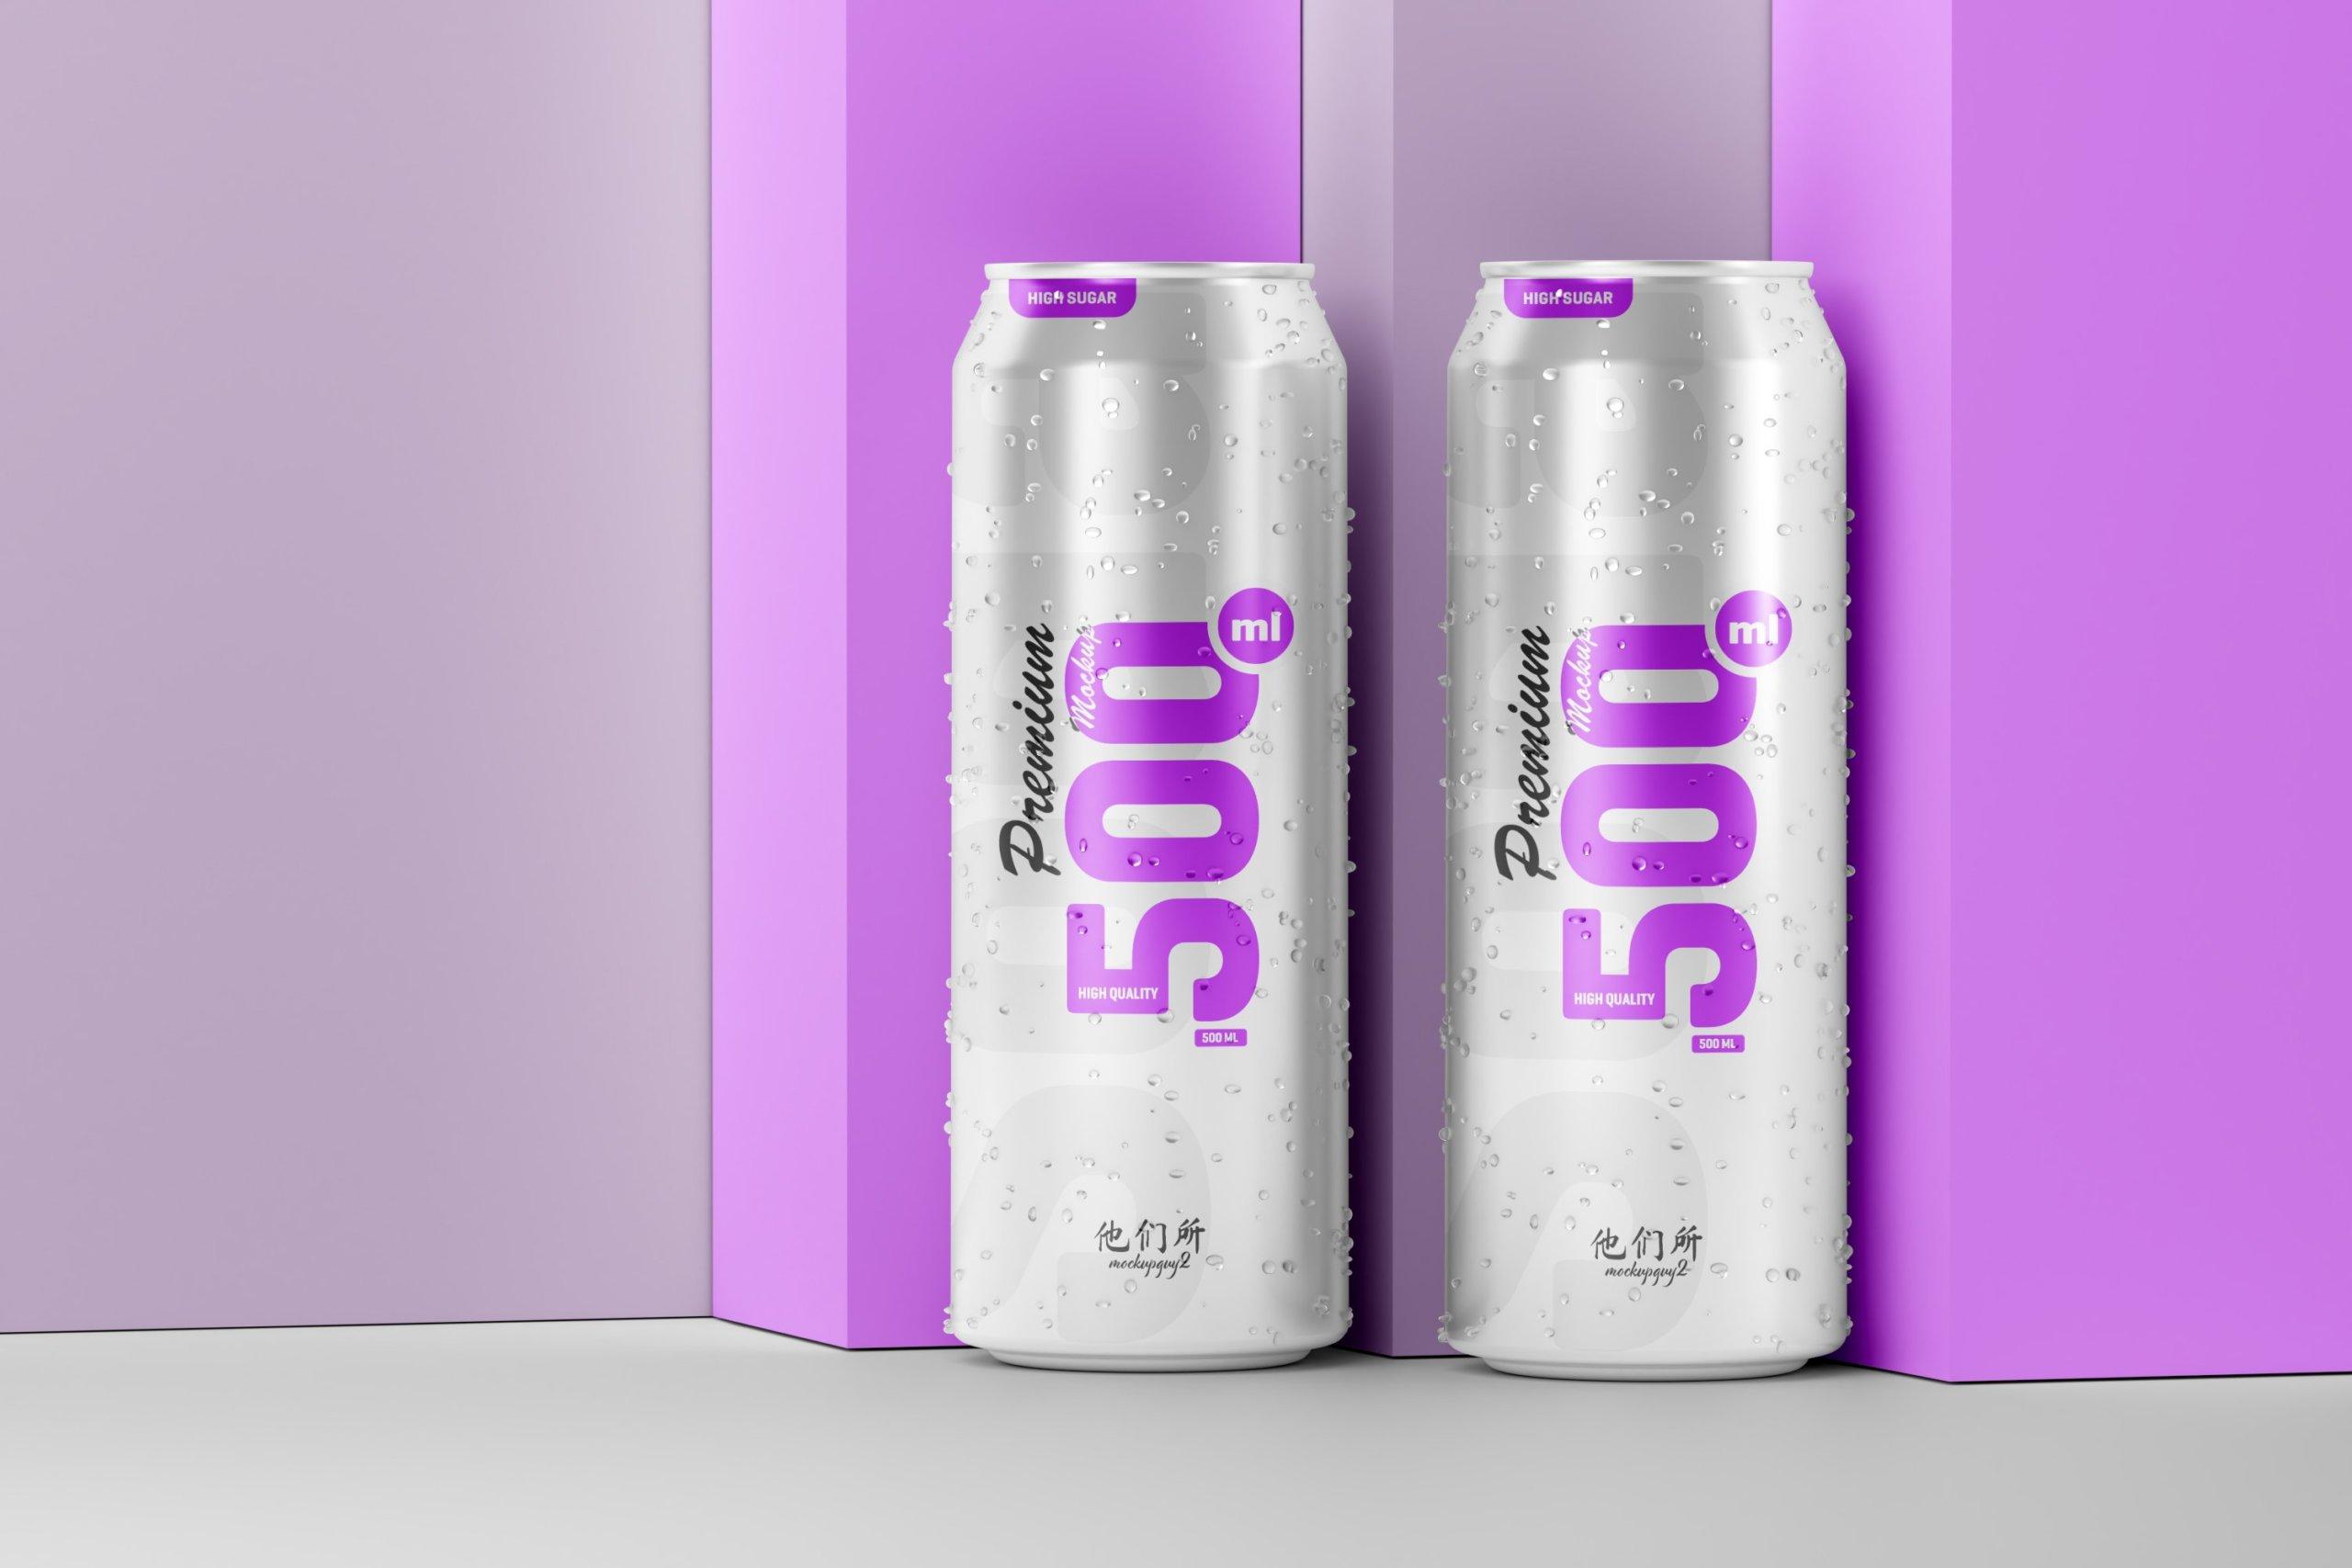 10款500毫升啤酒苏打水饮料锡罐易拉罐PS贴图样机素材 500ml Soda Can Mockup插图10